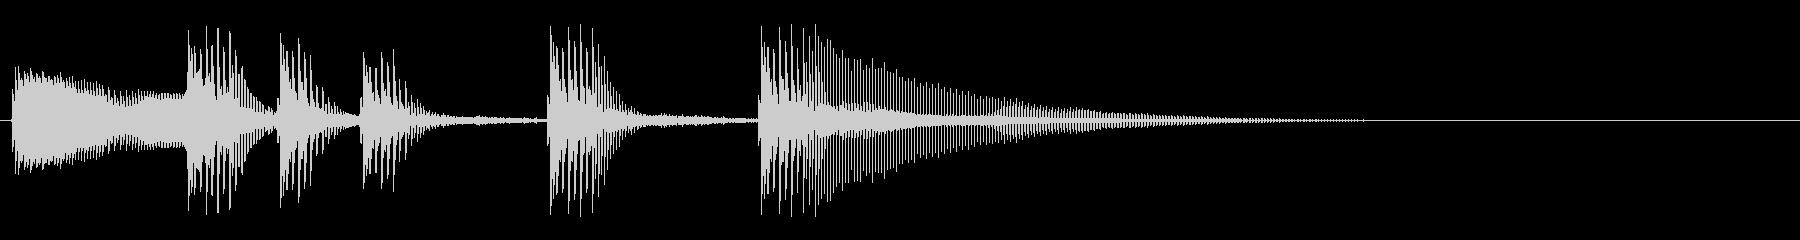 アニメ系失敗効果音2の未再生の波形